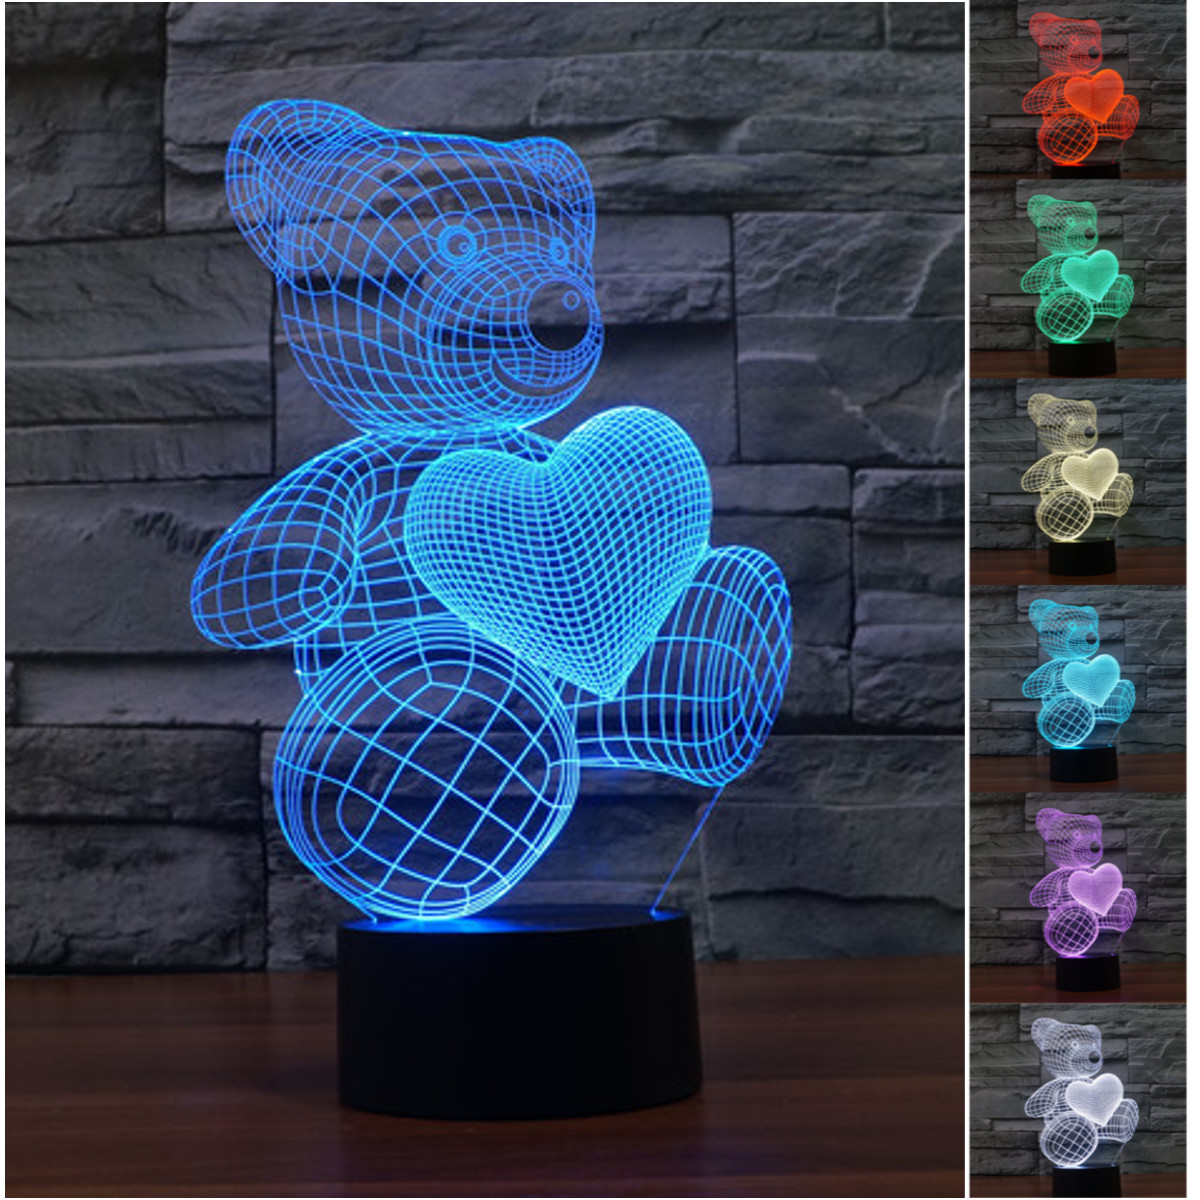 3D 7 Colors Change LED USB Touch Table Night Light Lamp- Little Bear Love Heart For Girls Bedroom